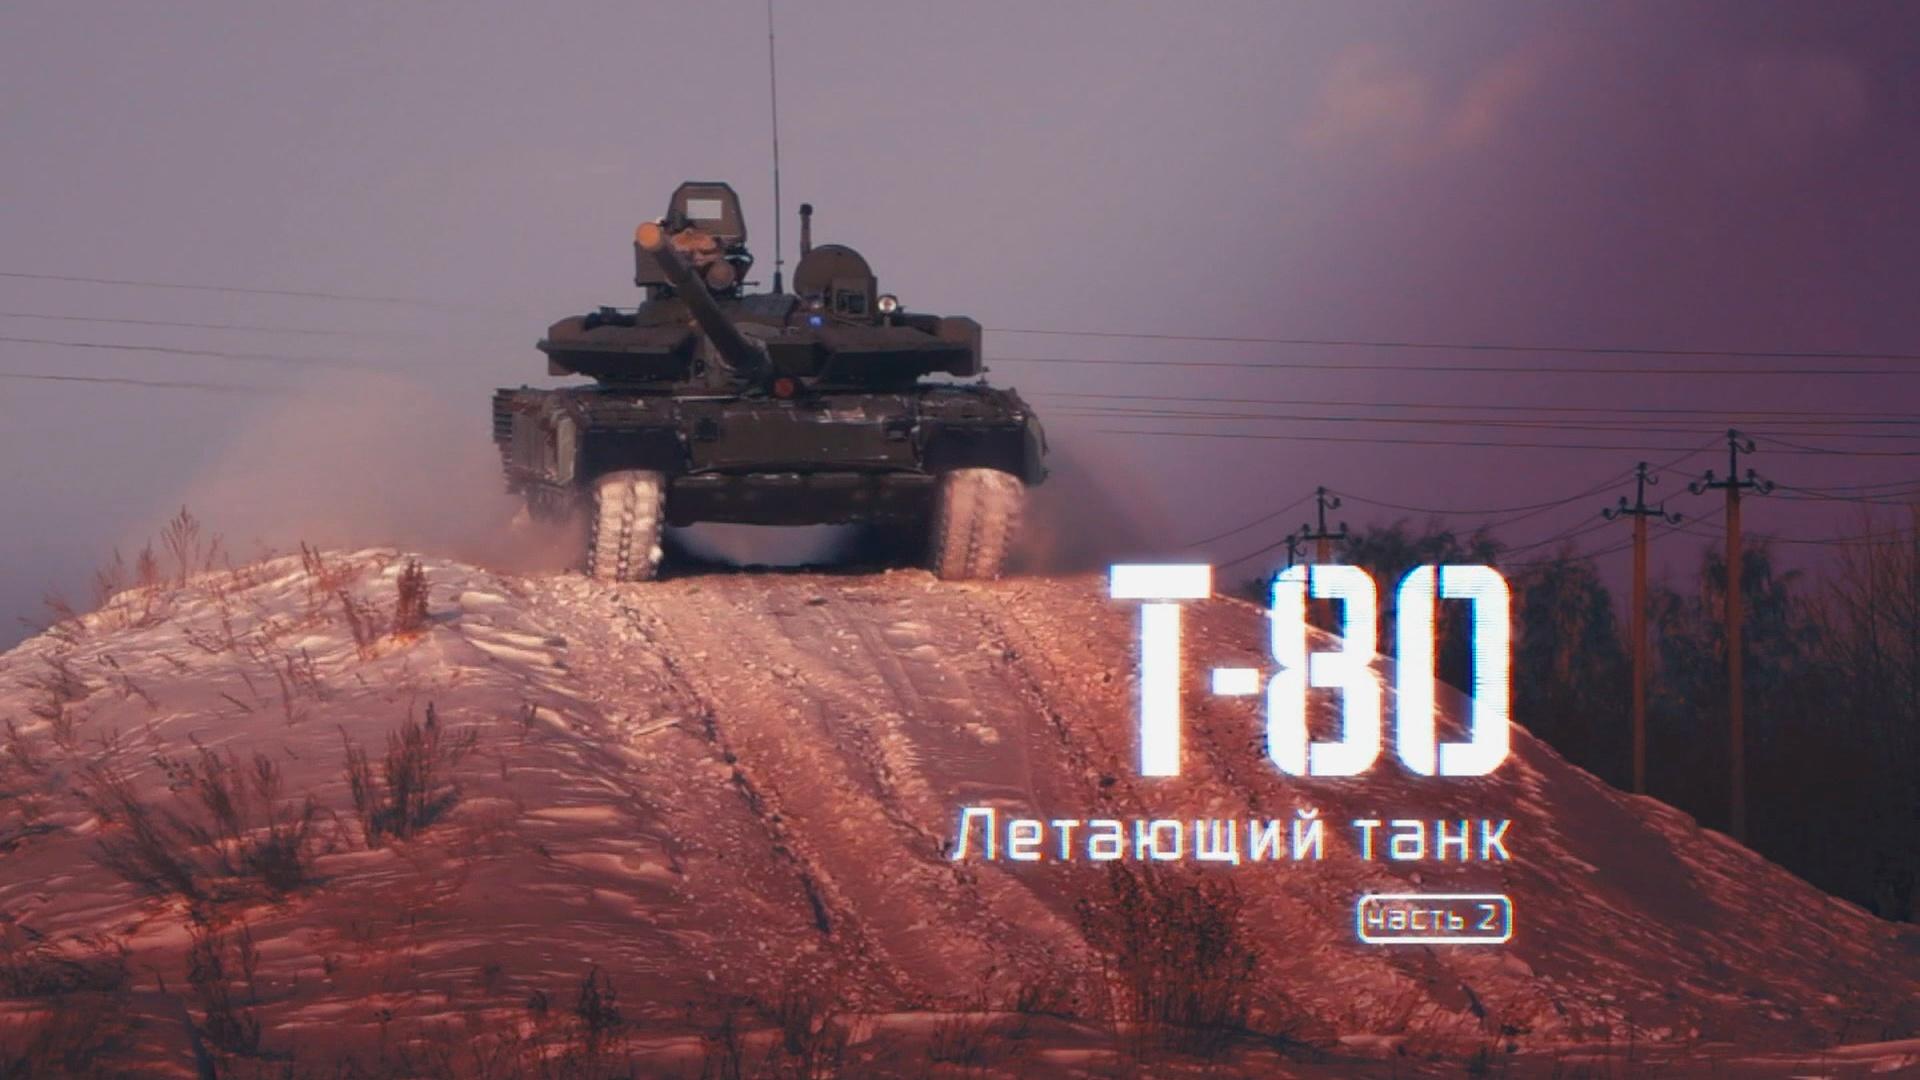 Т-80. Летающий танк